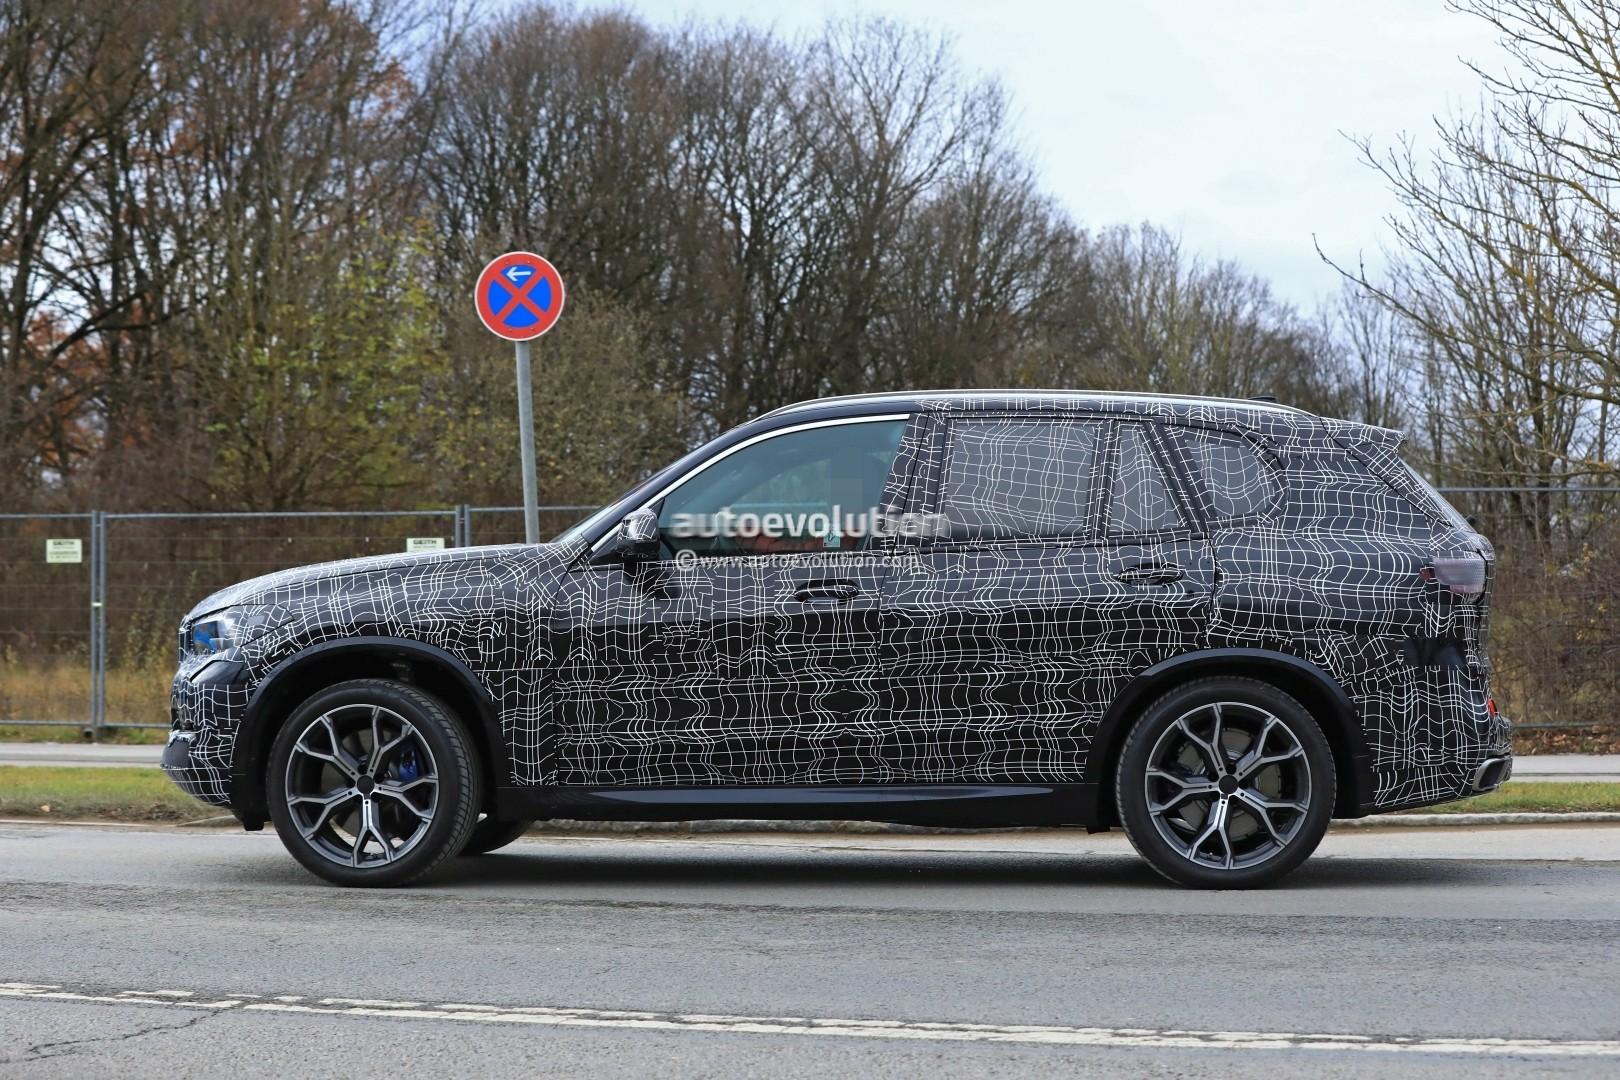 2019 Bmw X5 Spied In Germany Shows Sporty Stance